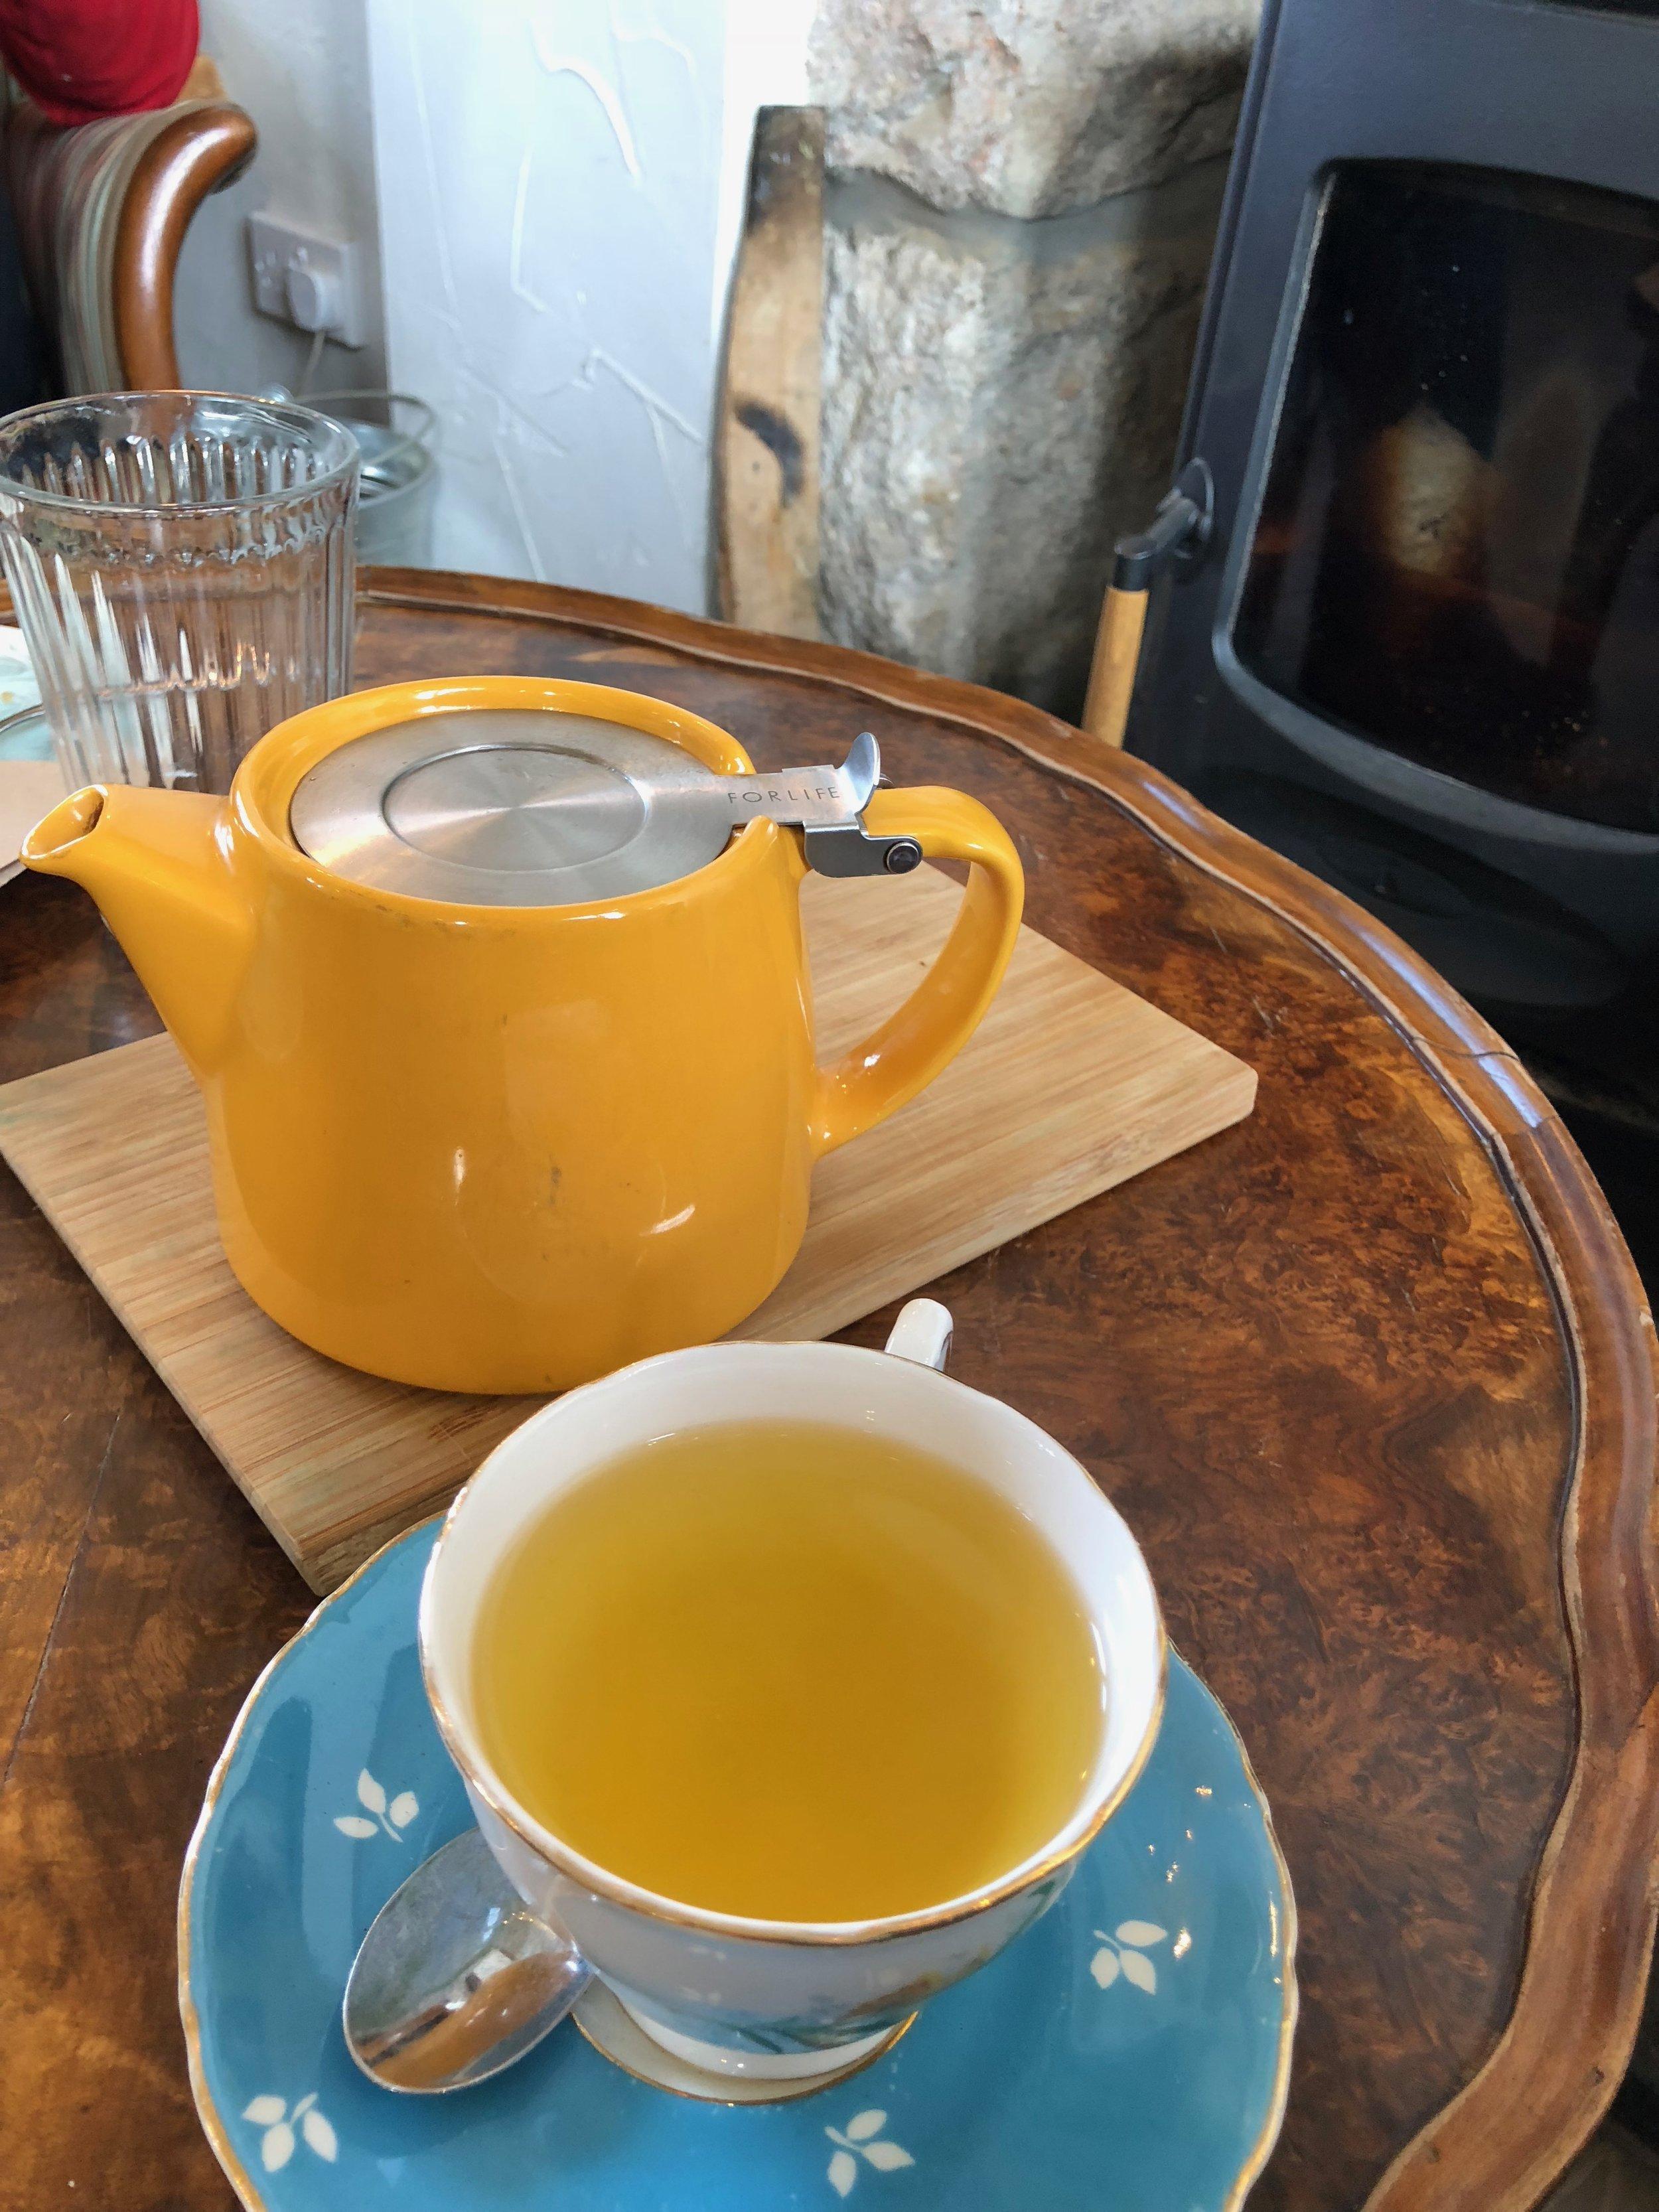 Turmeric Tea has been a staple!